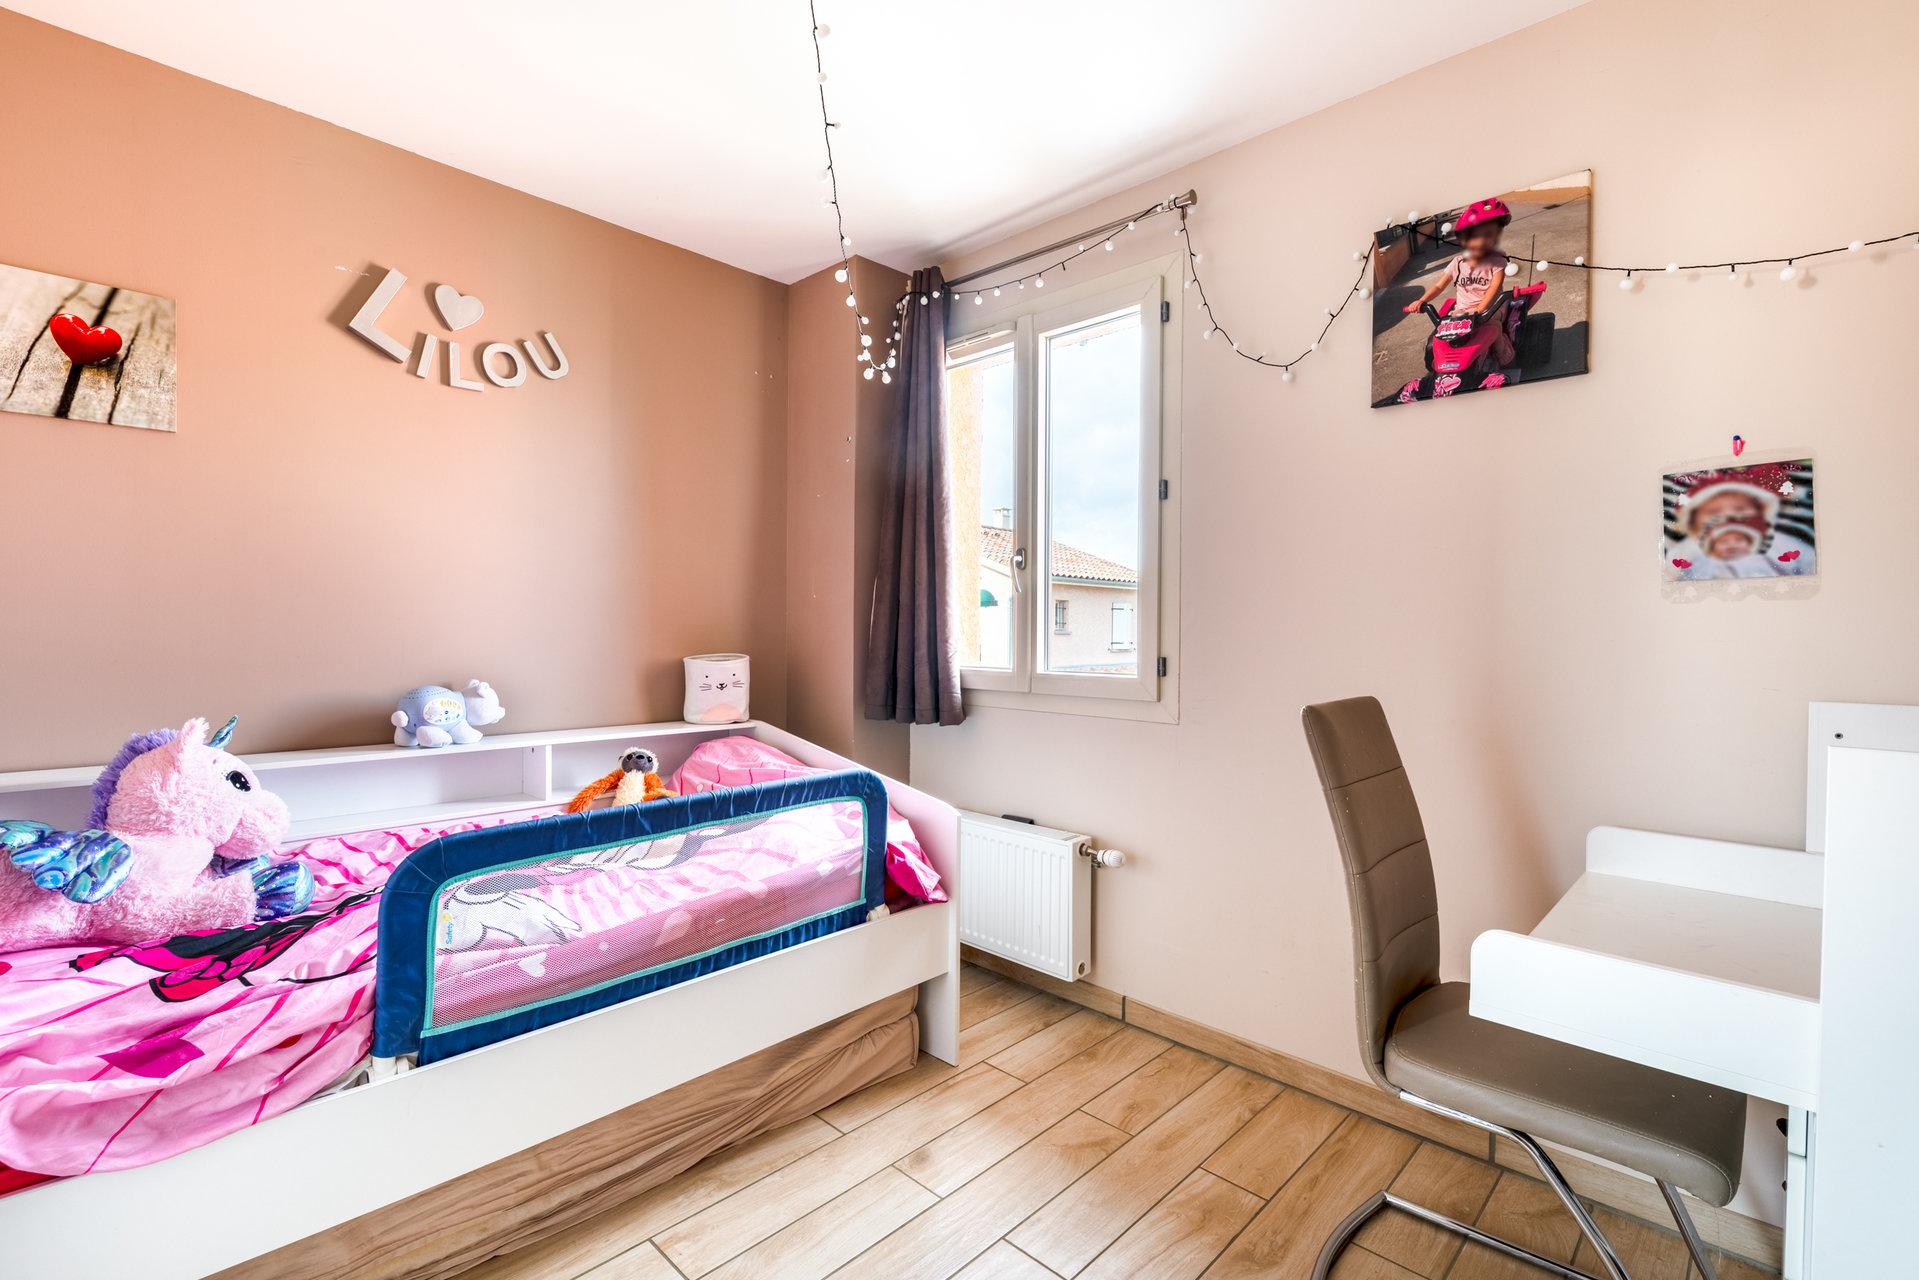 Maison 3 ch avec terrasse ensoleillée